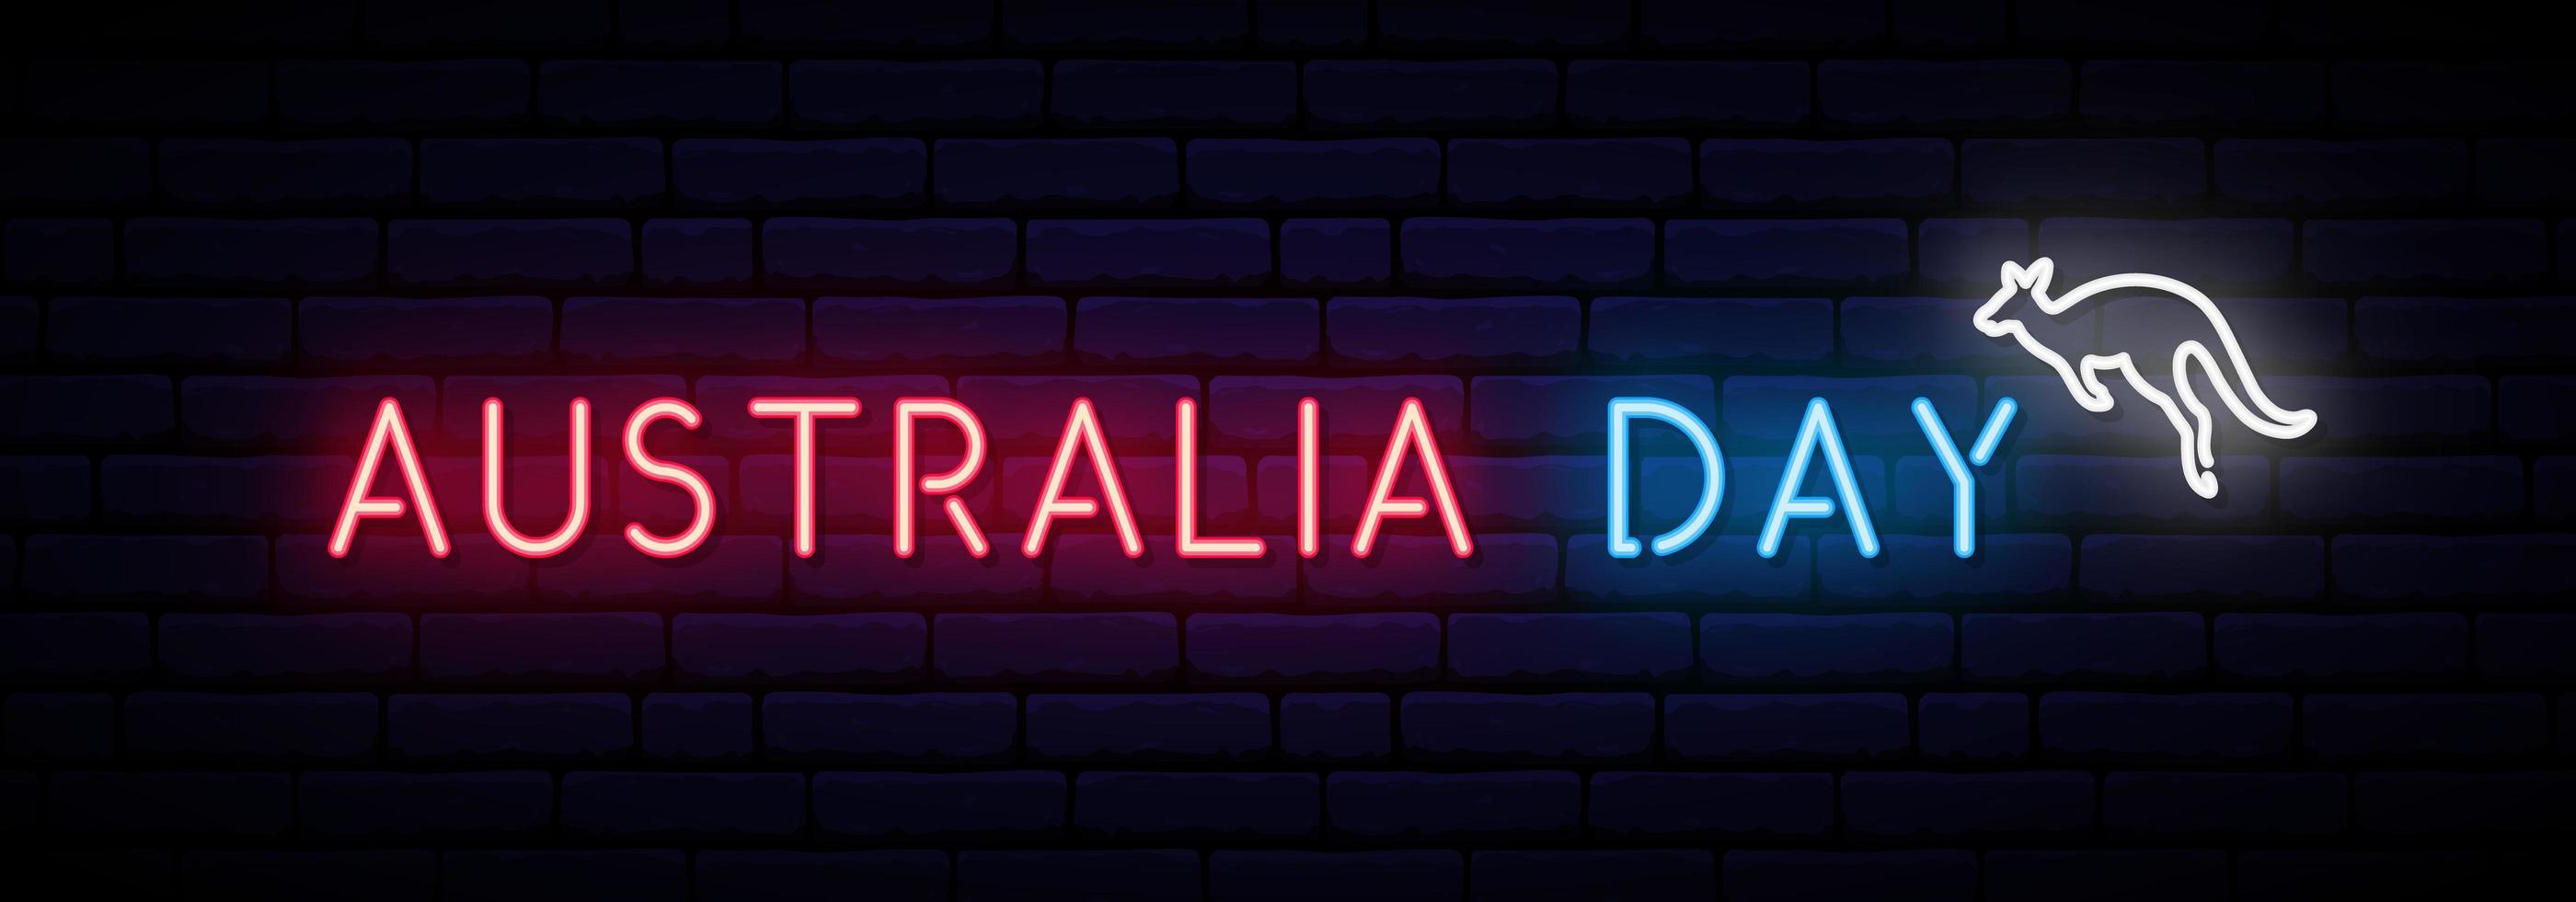 Australien Tag Neon Inschrift und Känguru. vektor